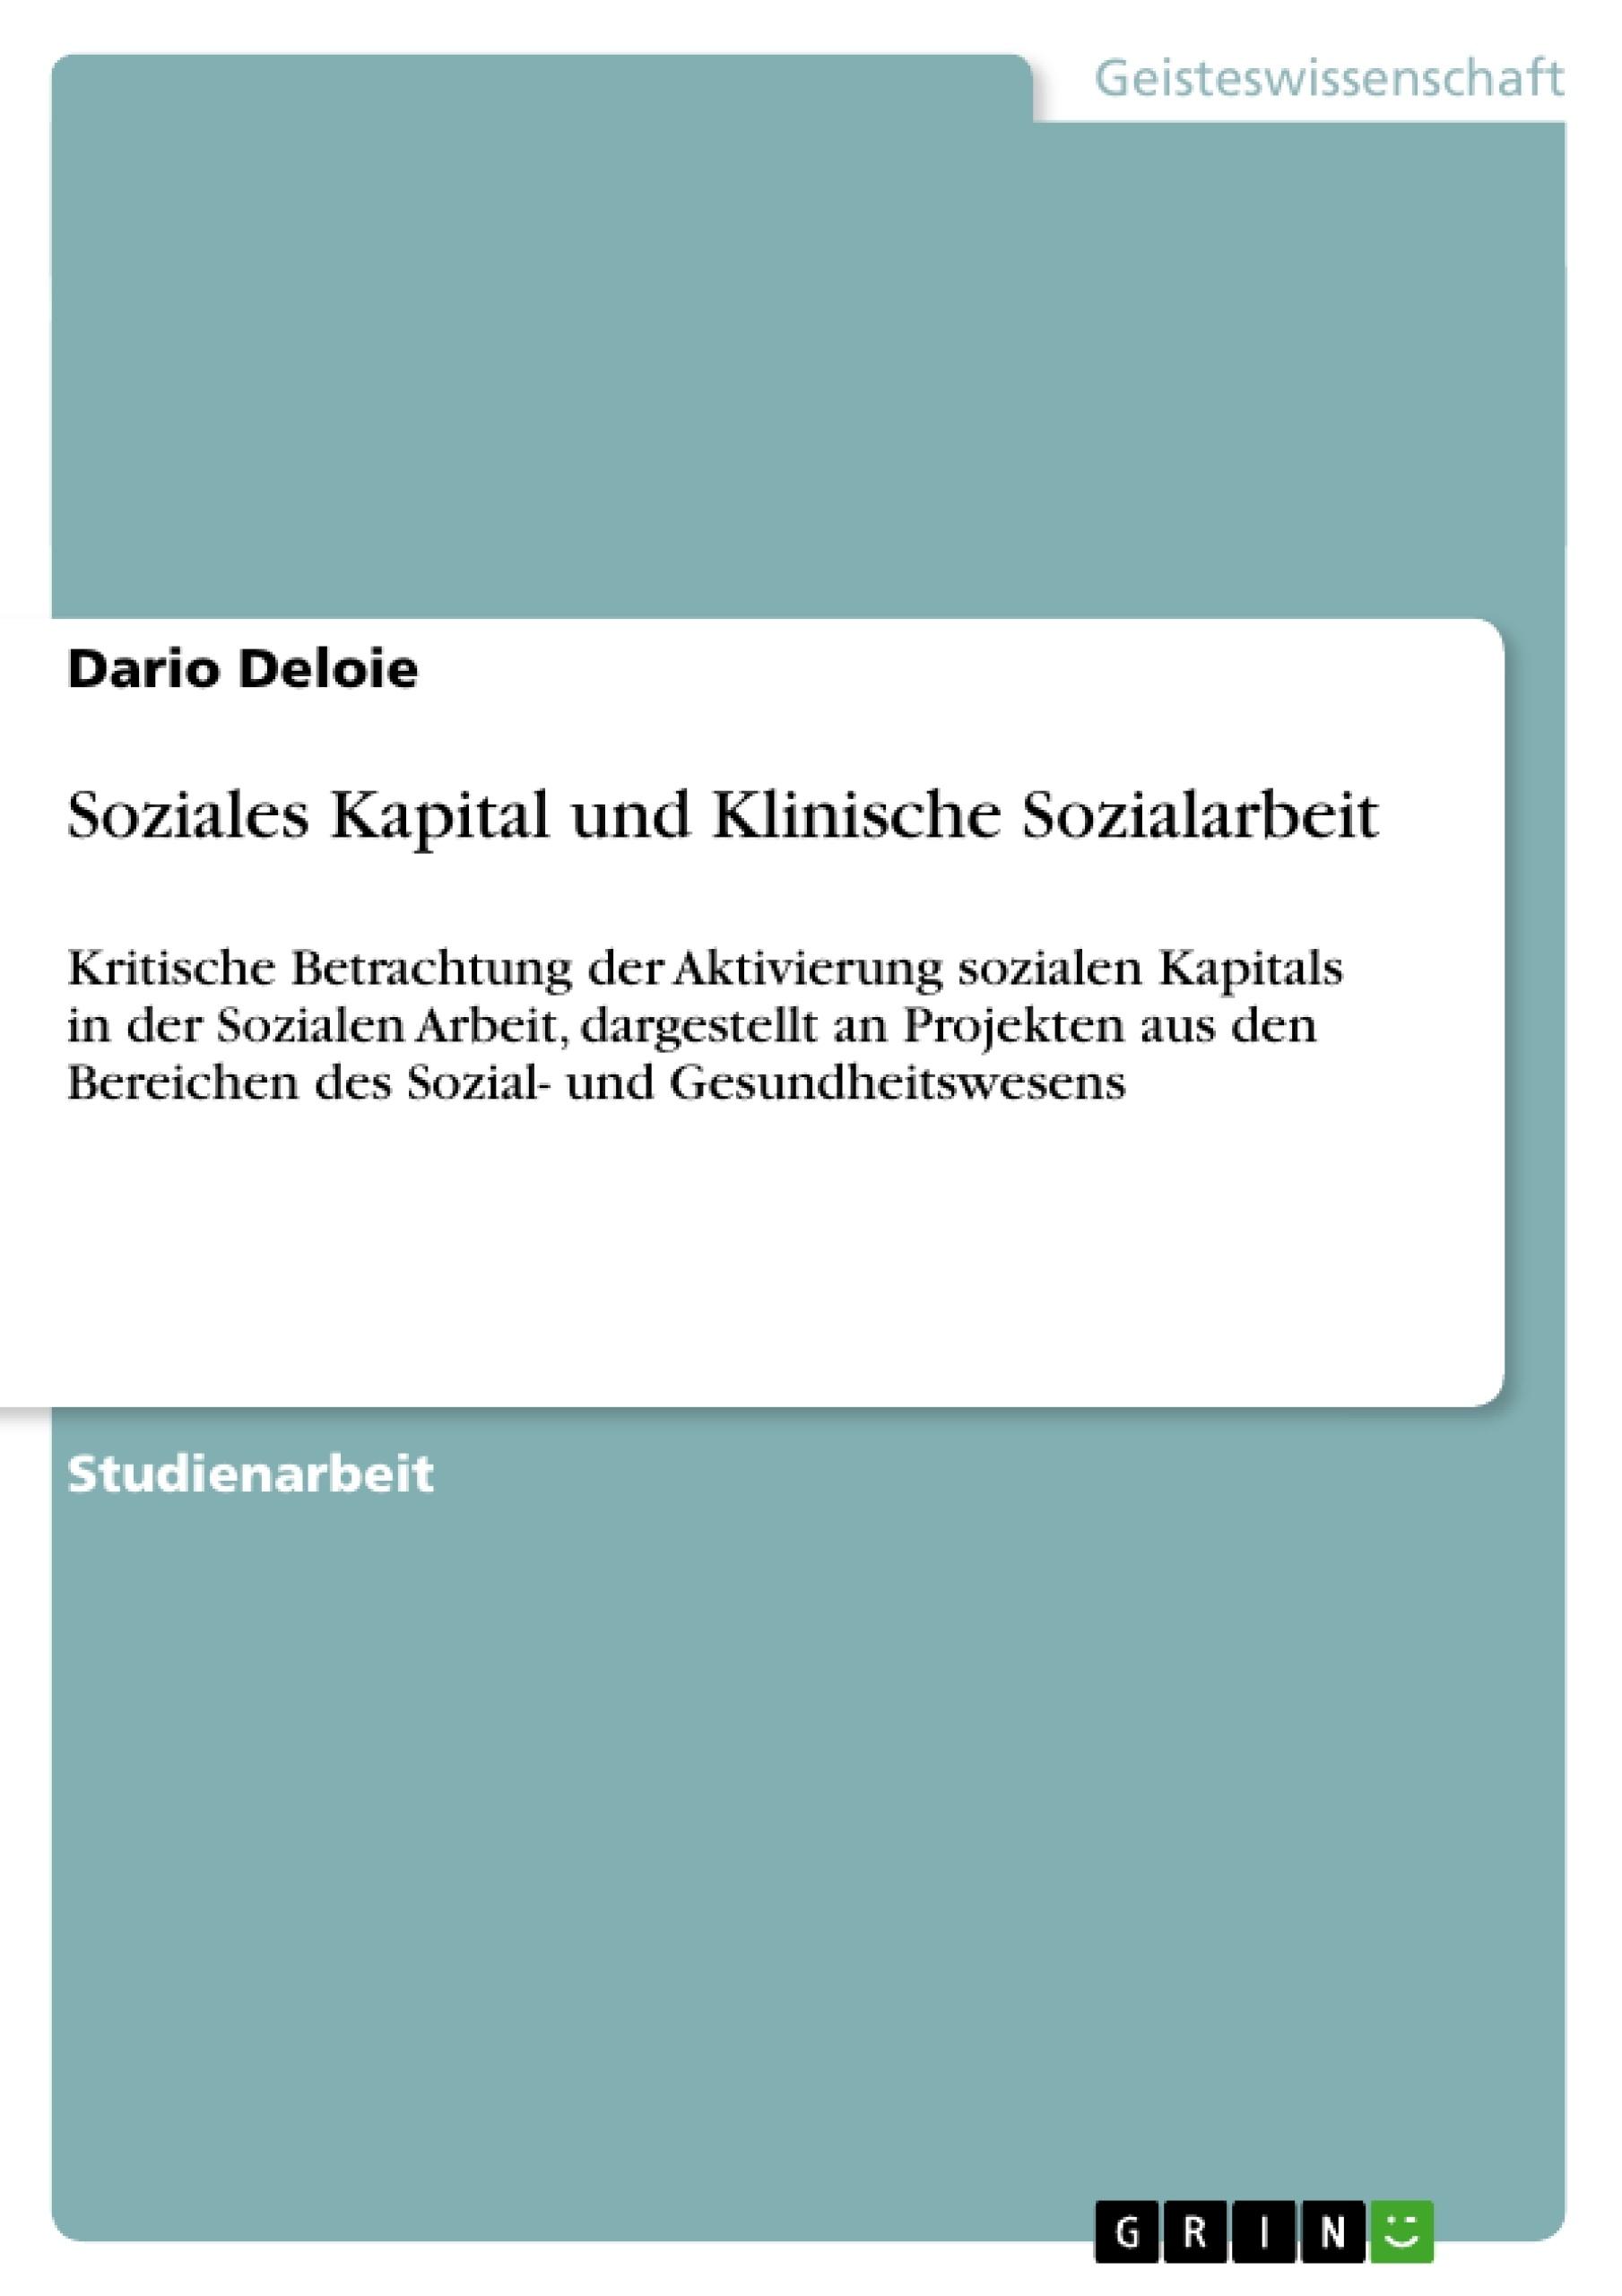 Titel: Soziales Kapital und Klinische Sozialarbeit